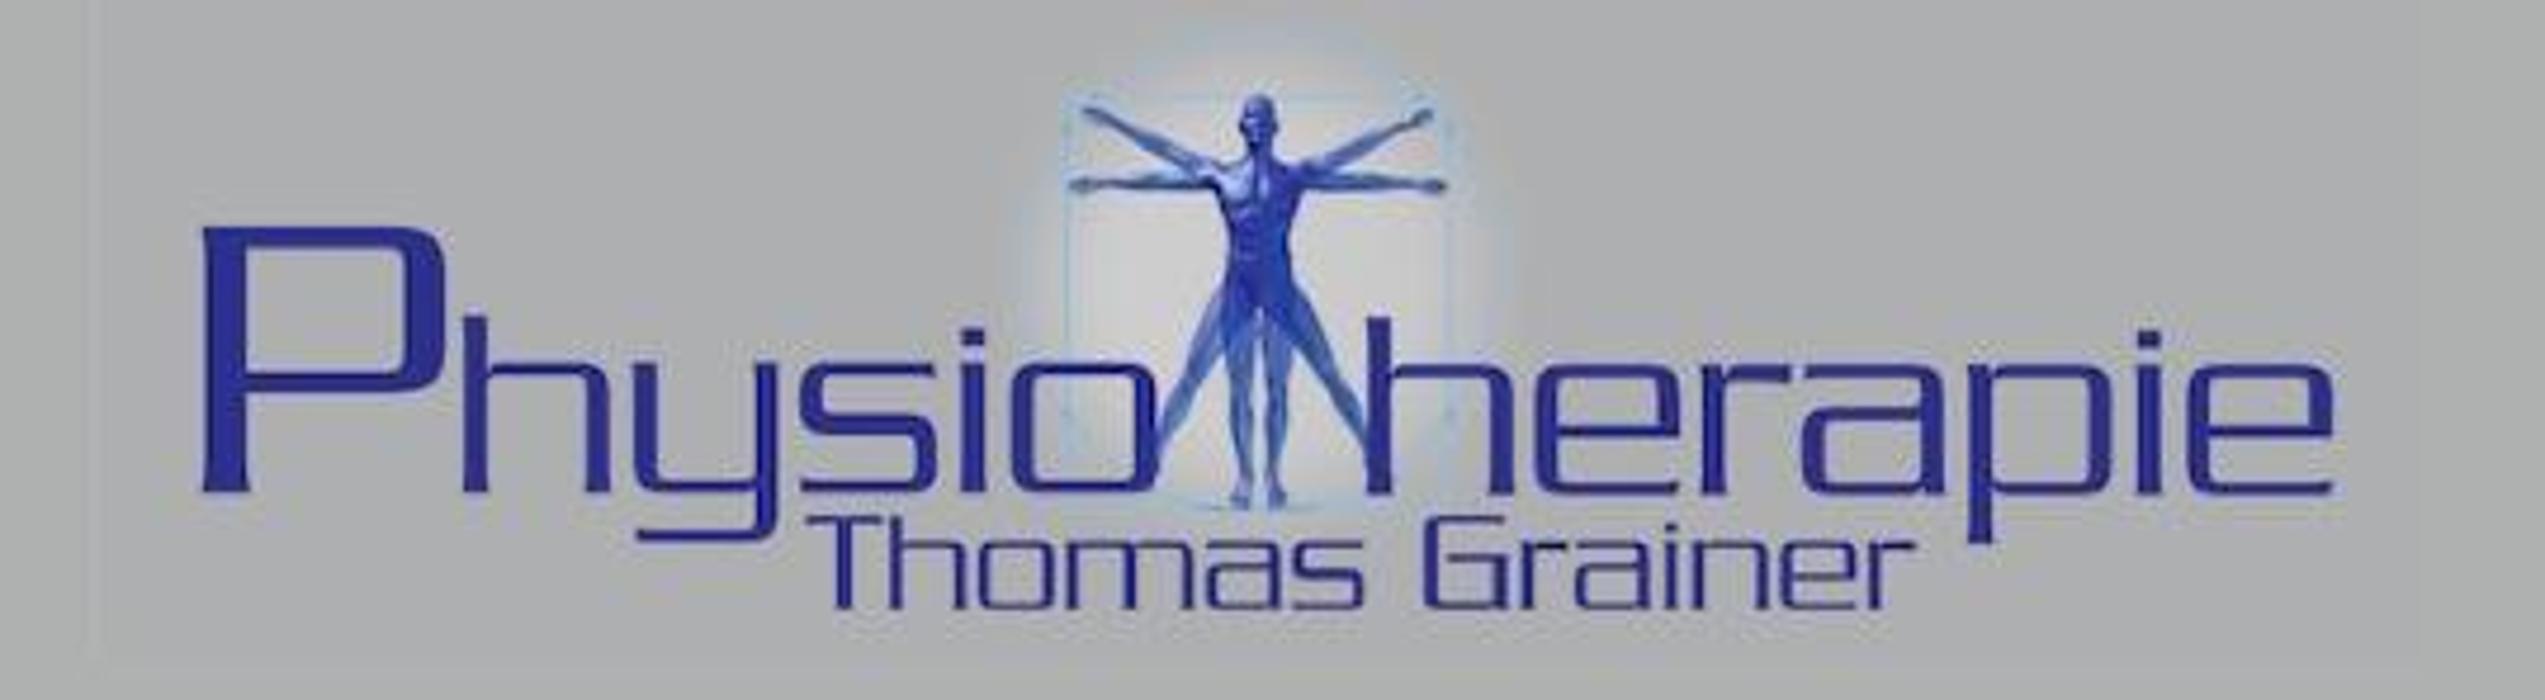 Bild zu Physiotherapie Thomas Grainer in Mühldorf am Inn